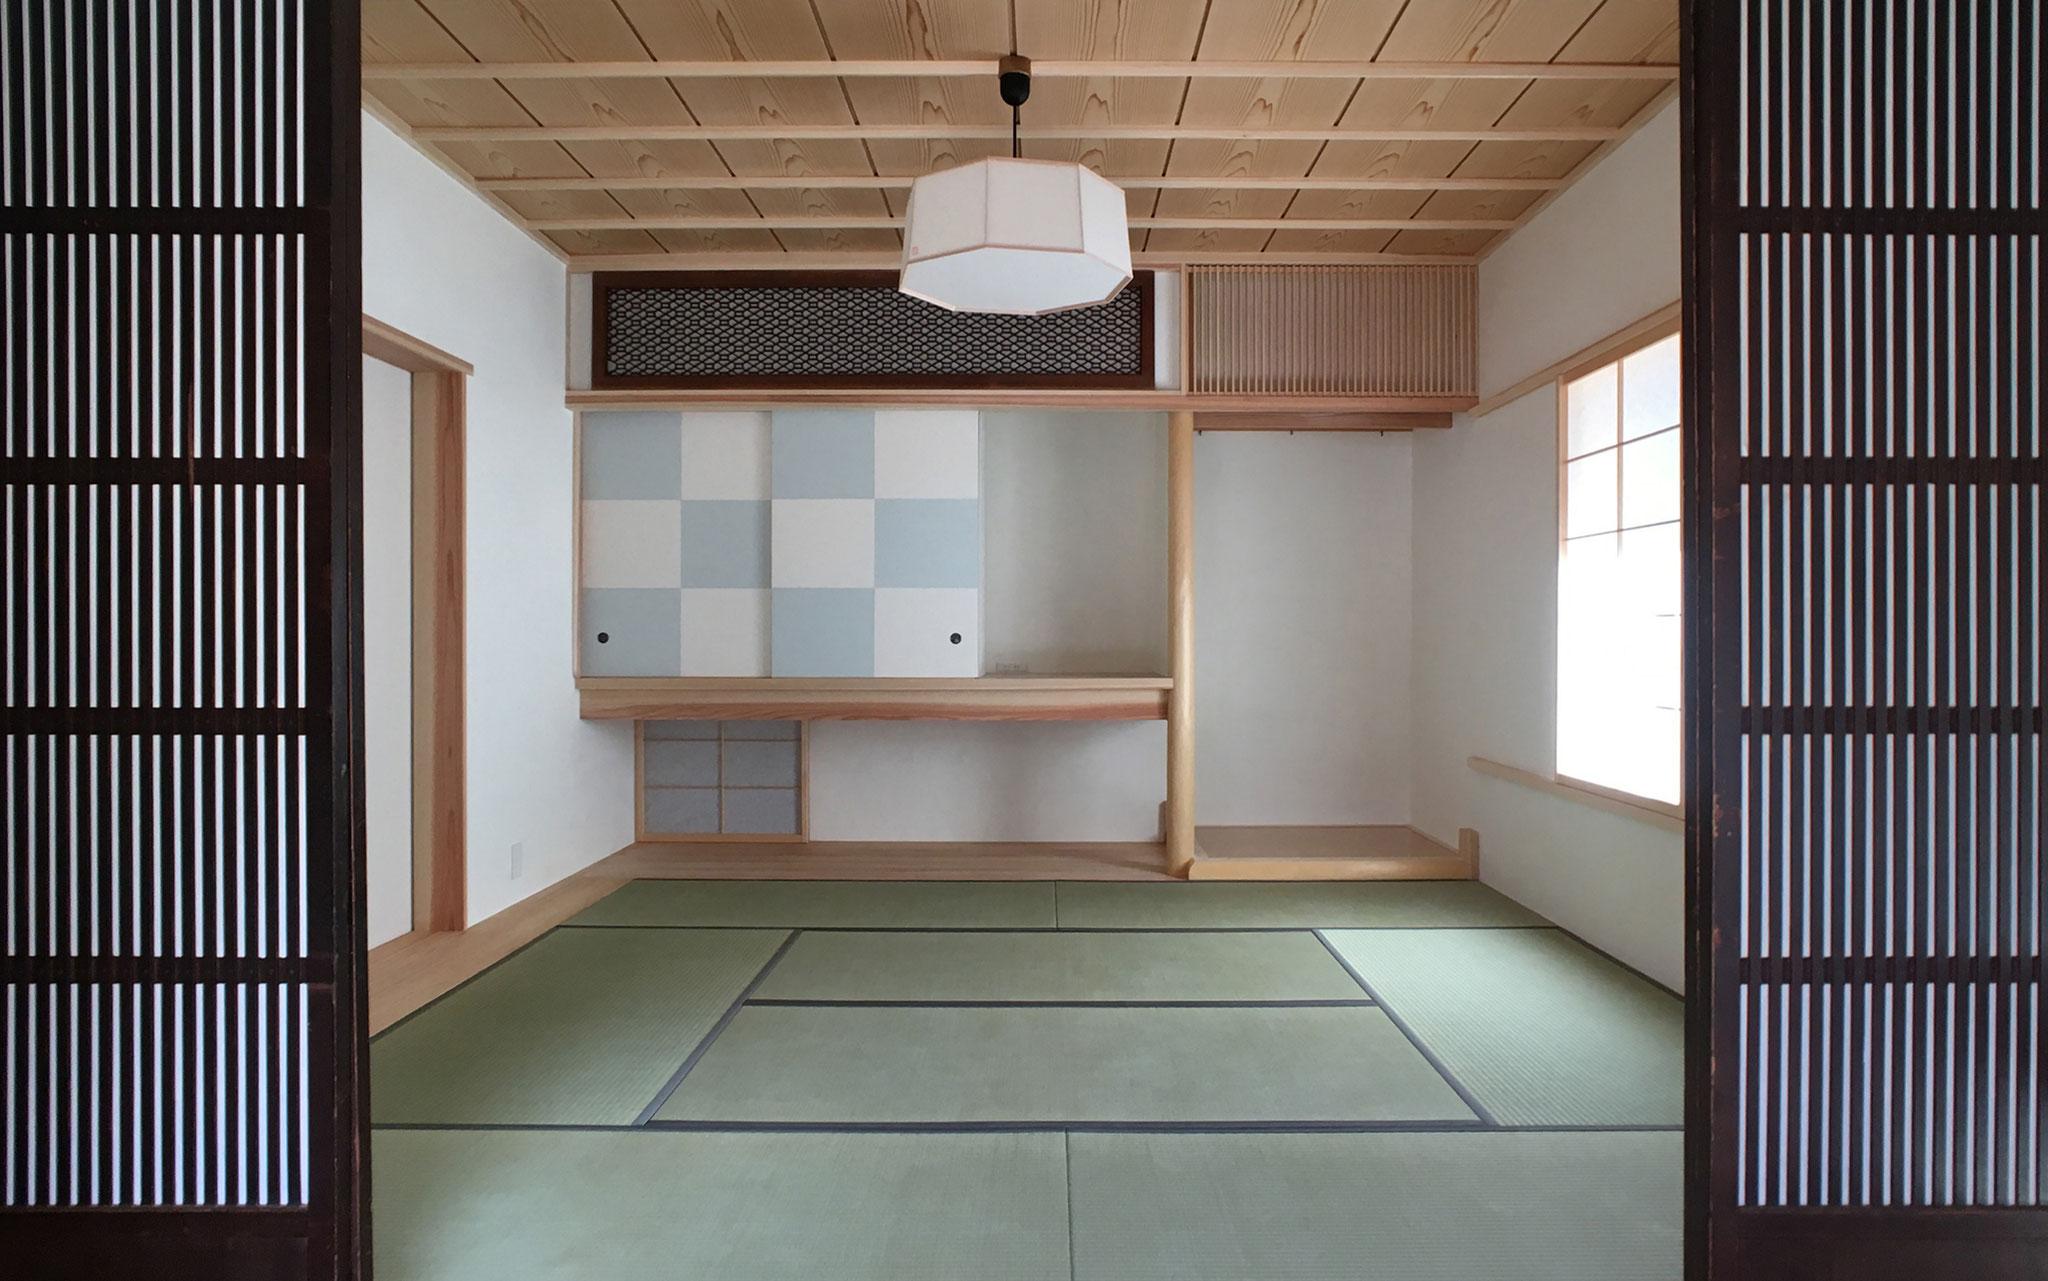 生家の障子や欄間を再利用。和室や縁側でのんびりゆったりと。